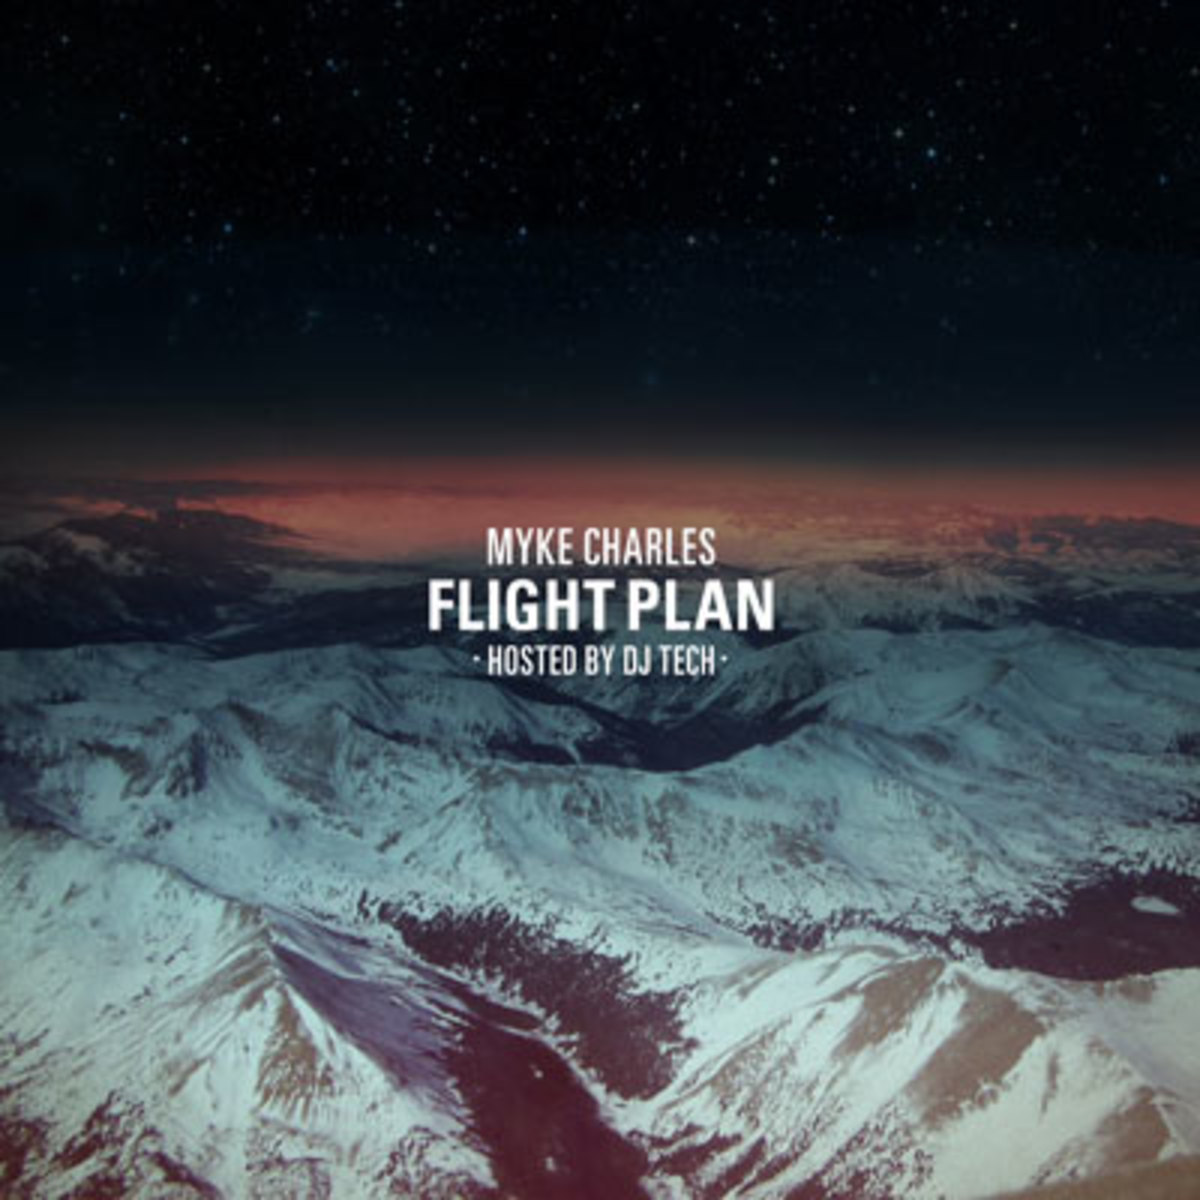 mykecharles-flightplan.jpg